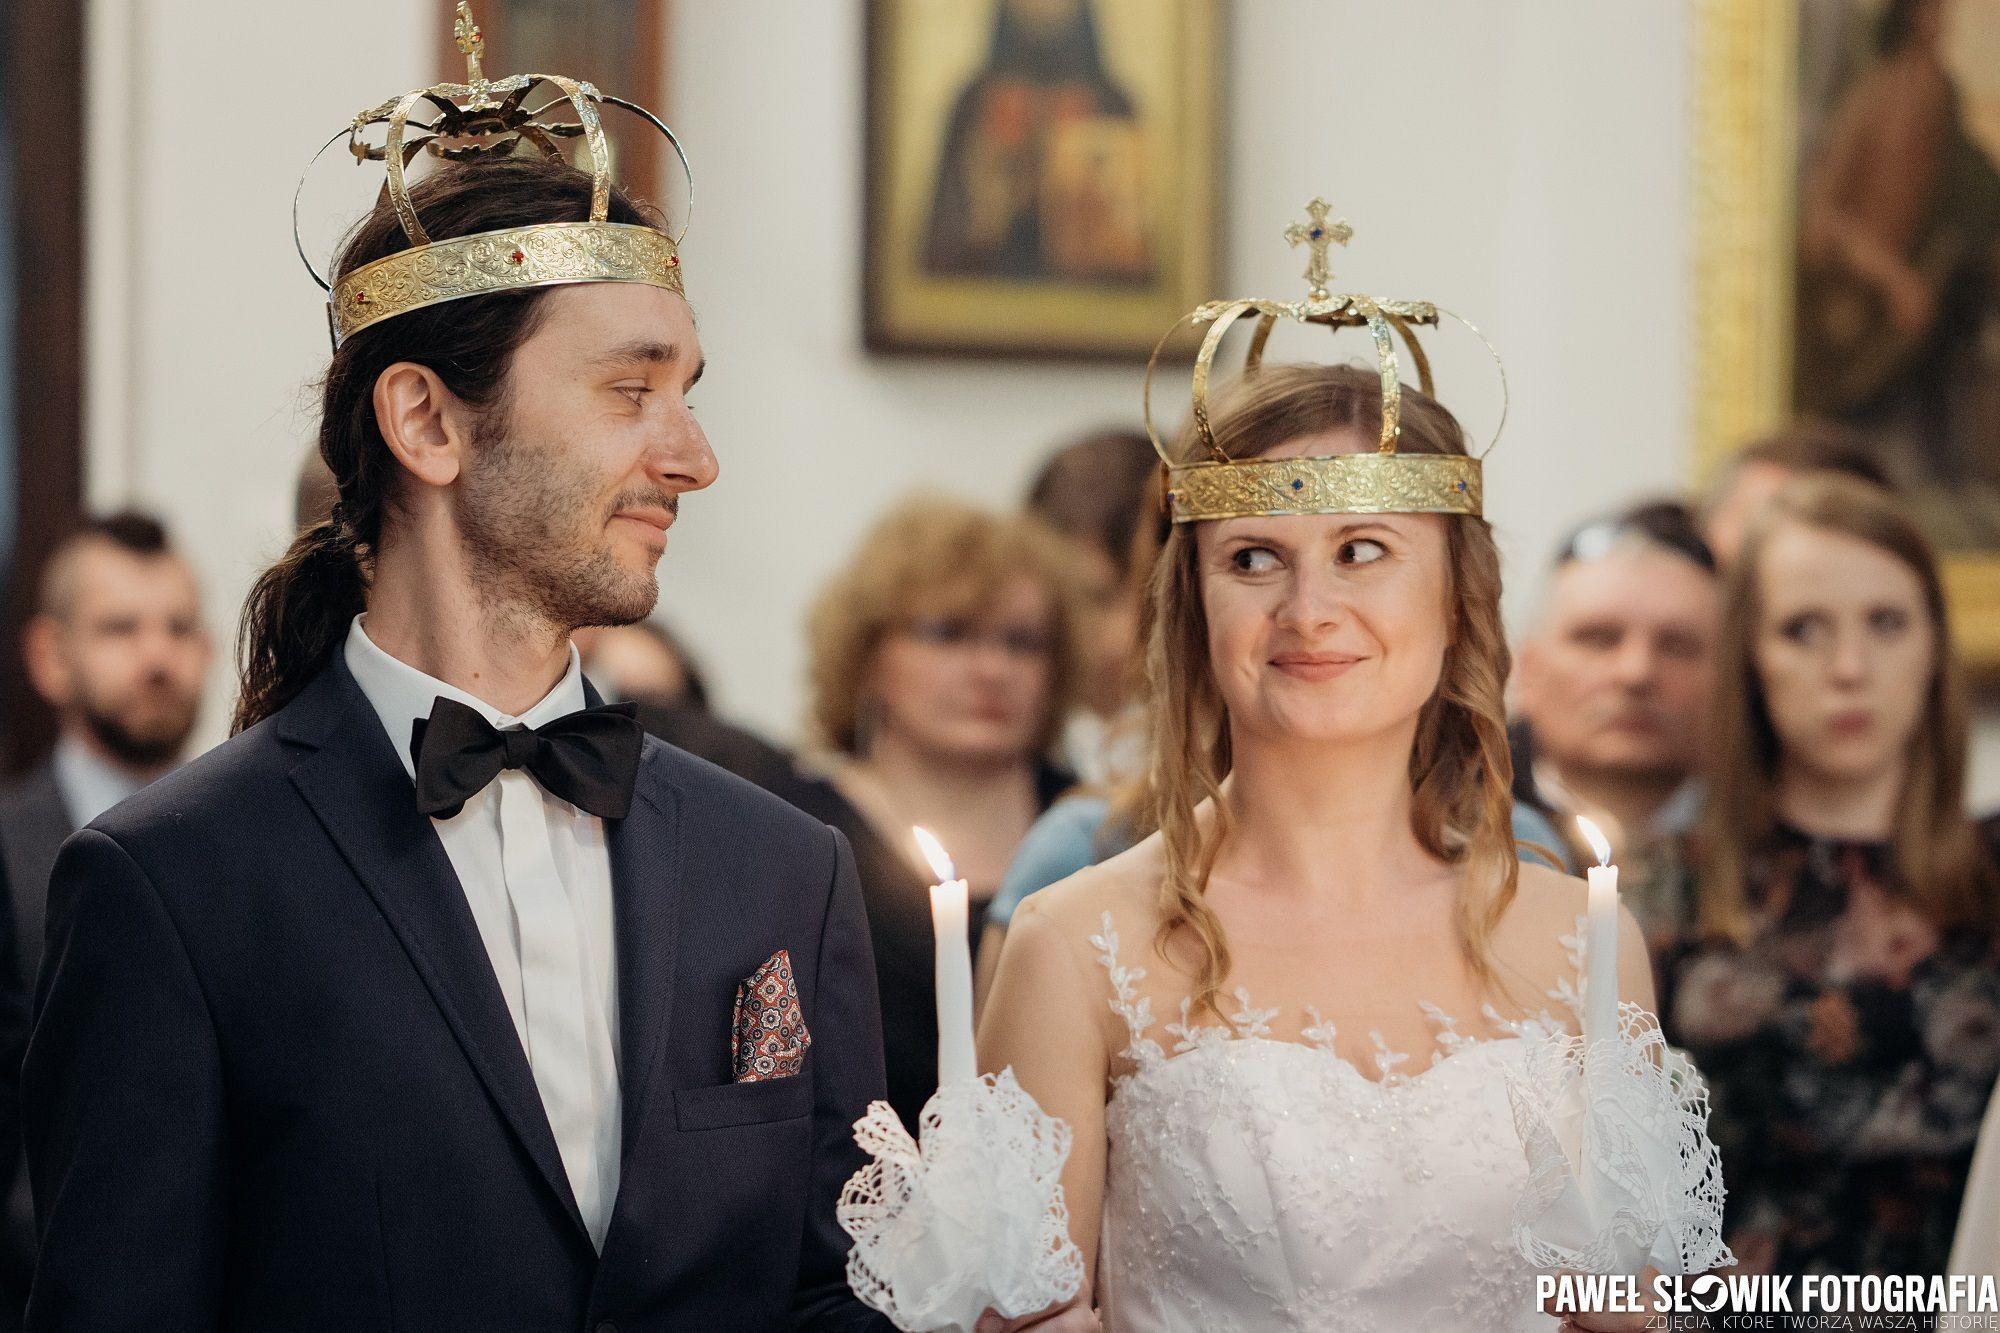 Krol I Krolowa Slowik Eu Korona Cerkiew Slubprawoslawny Slubwcerkwi Wedding Weddingphotographer Sesjazdjeciowa Slu Crown Captain Hat Fashion